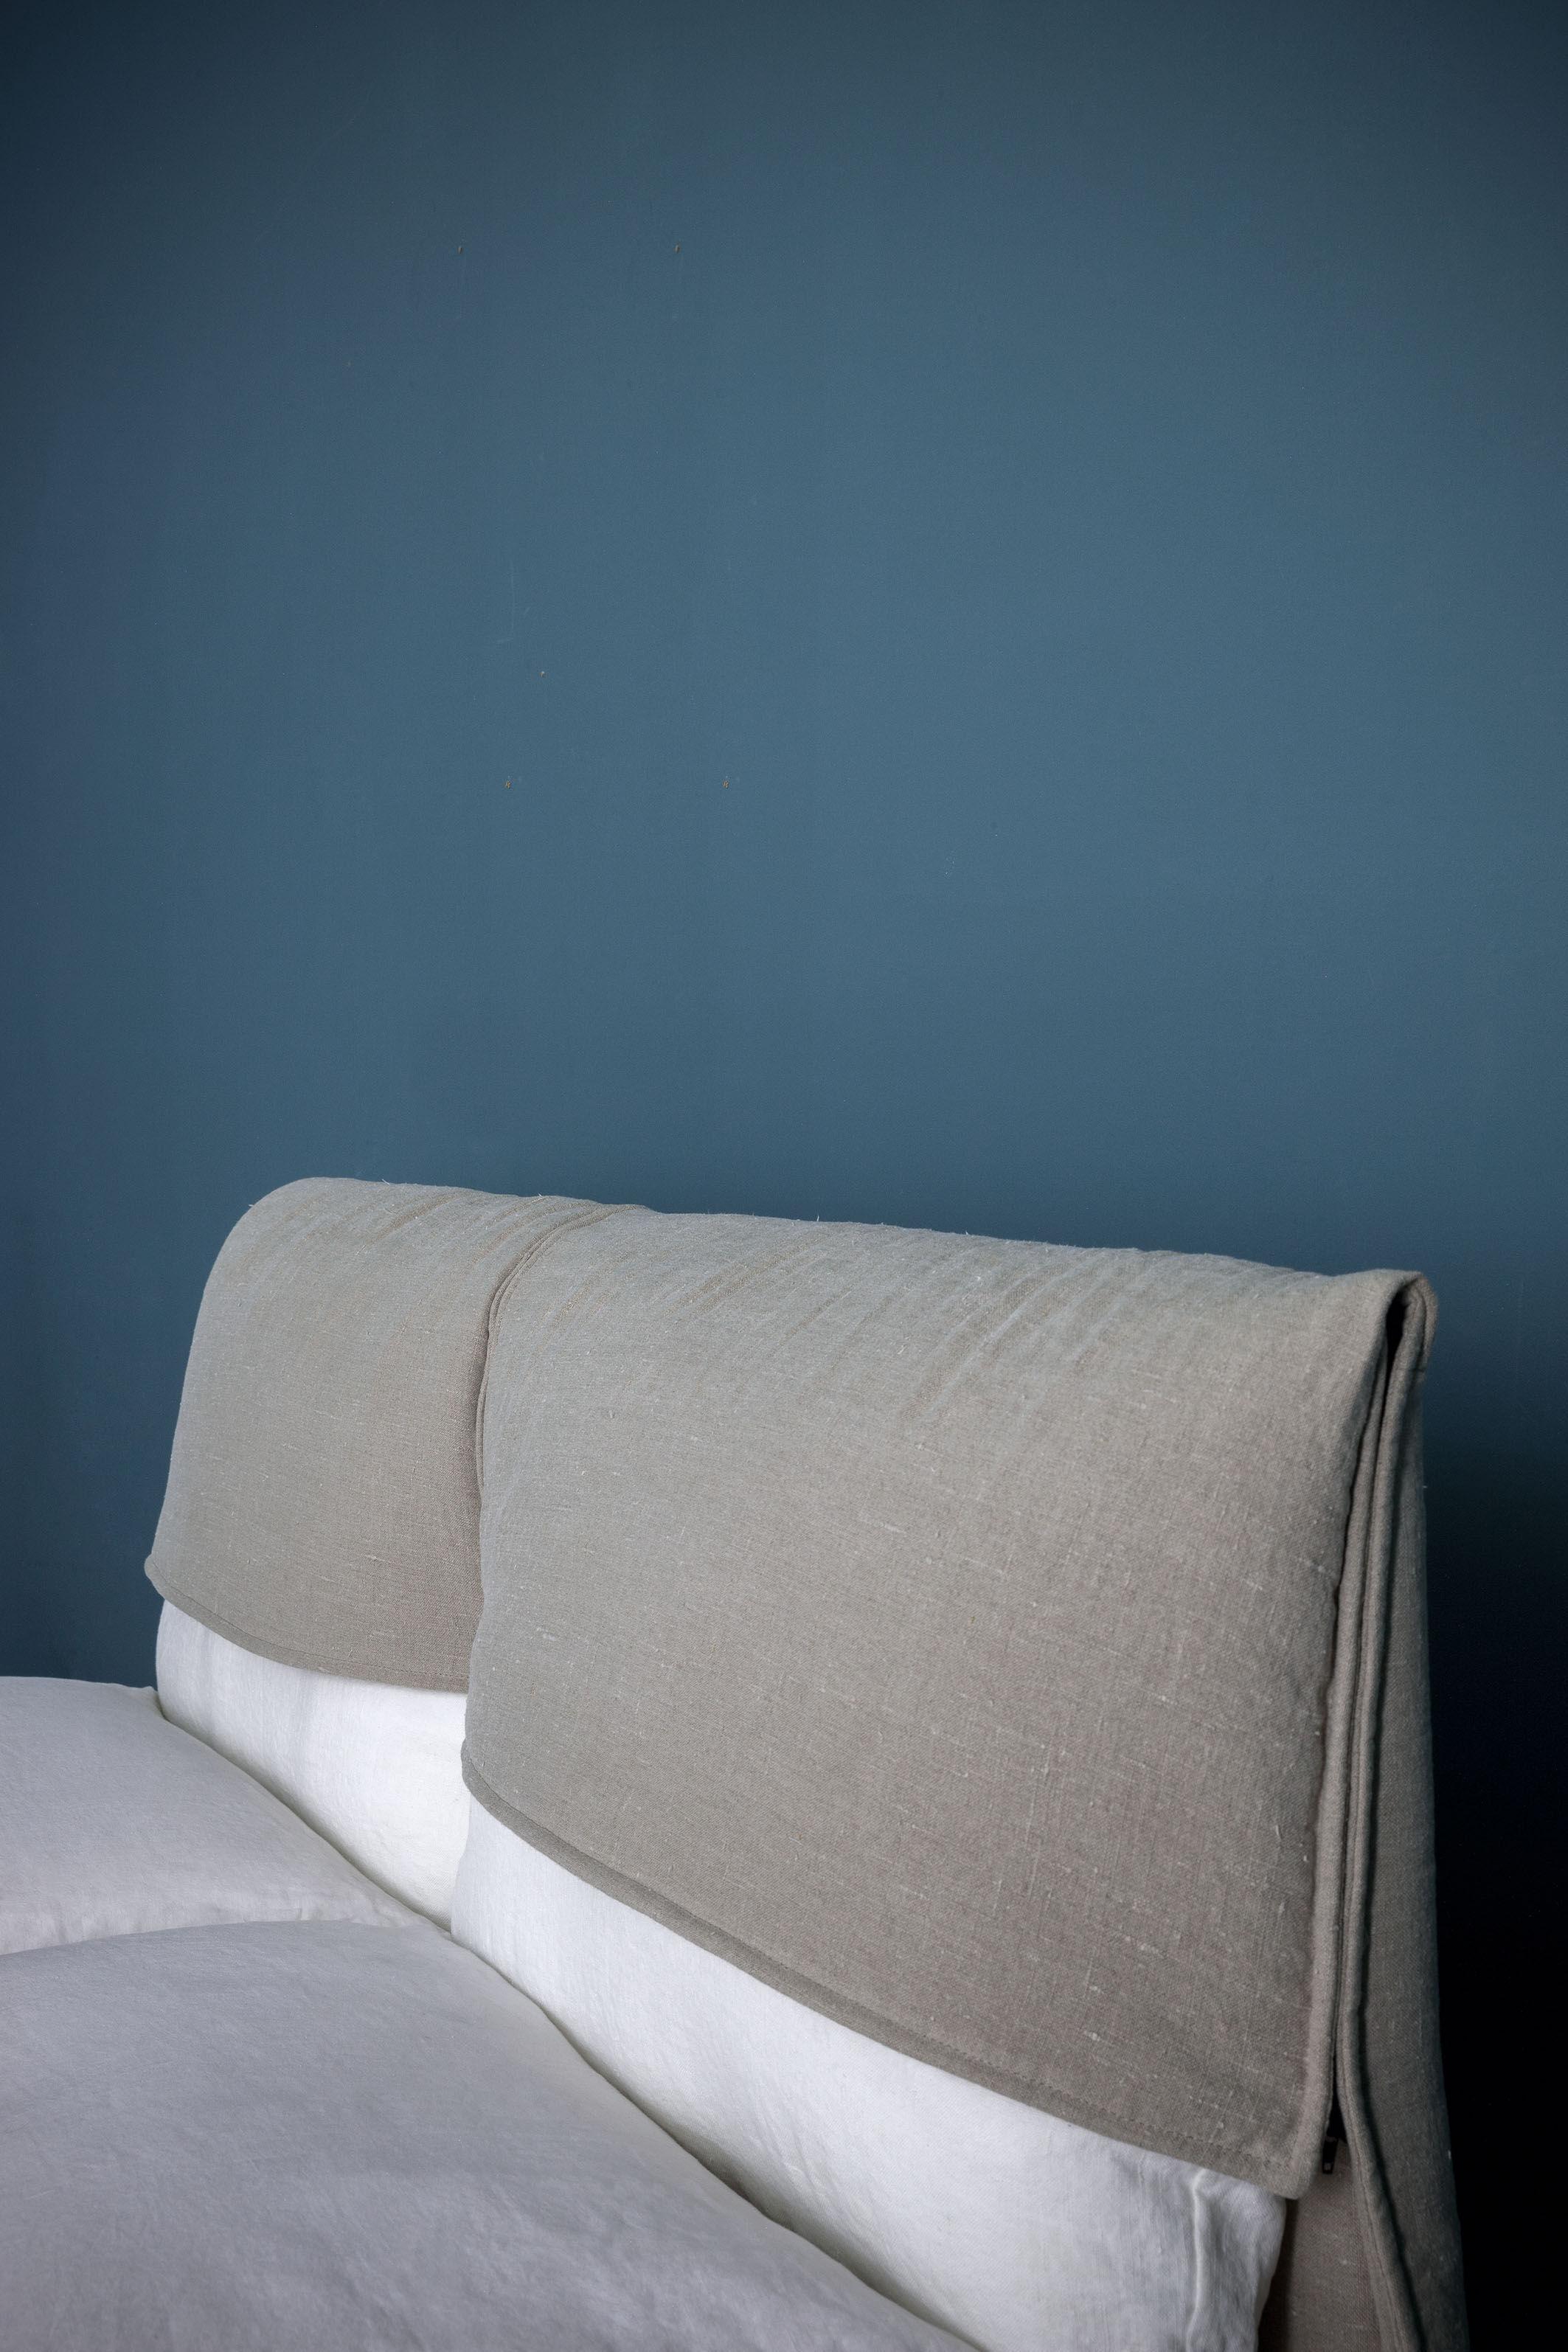 sconto lattenroste t rkise bettw sche neue kleiderschr nke mit vielen f chern natur bettdecken. Black Bedroom Furniture Sets. Home Design Ideas